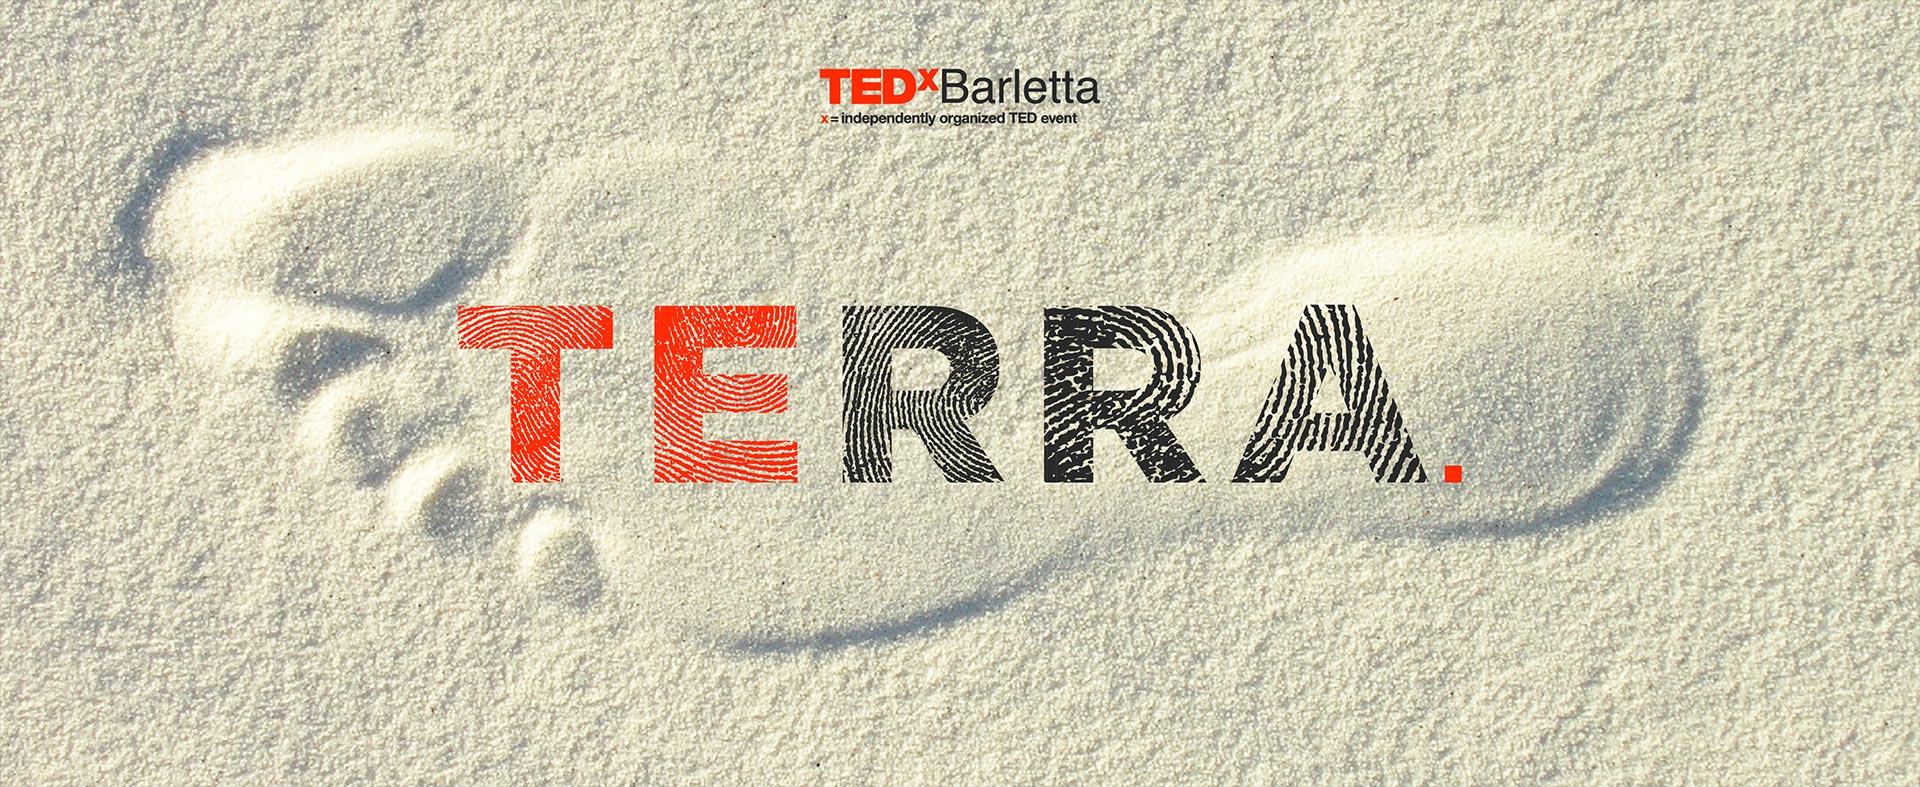 L'impronta di TEDx Barletta sulla TERRA